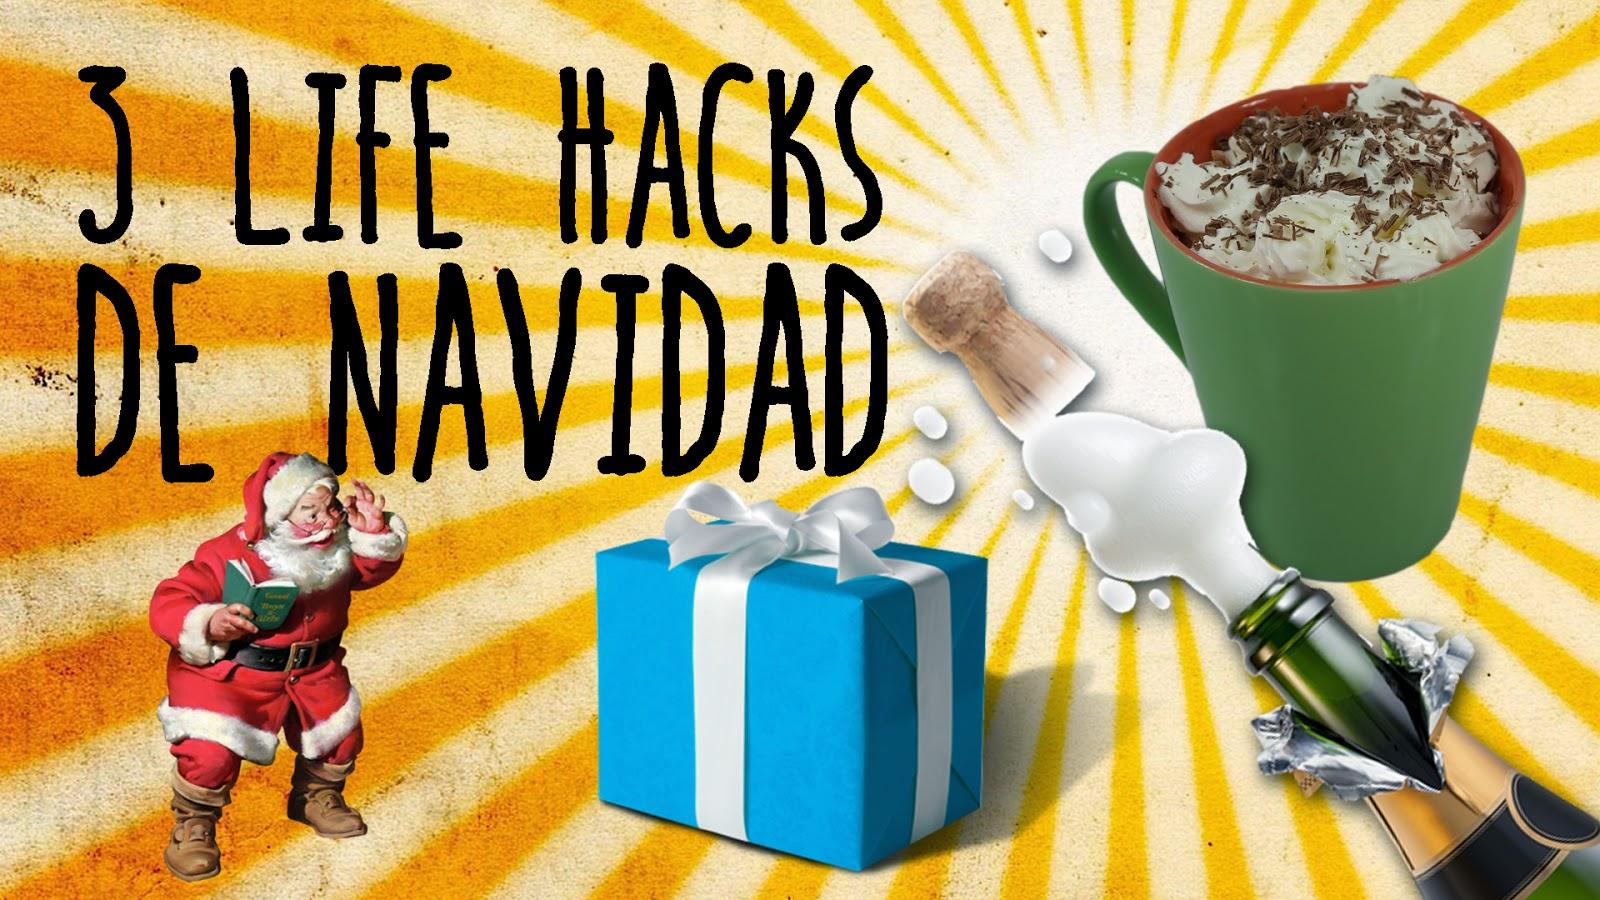 3 life hacks de Navidad, life hacks, experimentos caseros, trucos caseros, trucos de navidad, experimentos sencillos, experimentos fáciles, experimentos para niños, ciencia, ciencia en casa